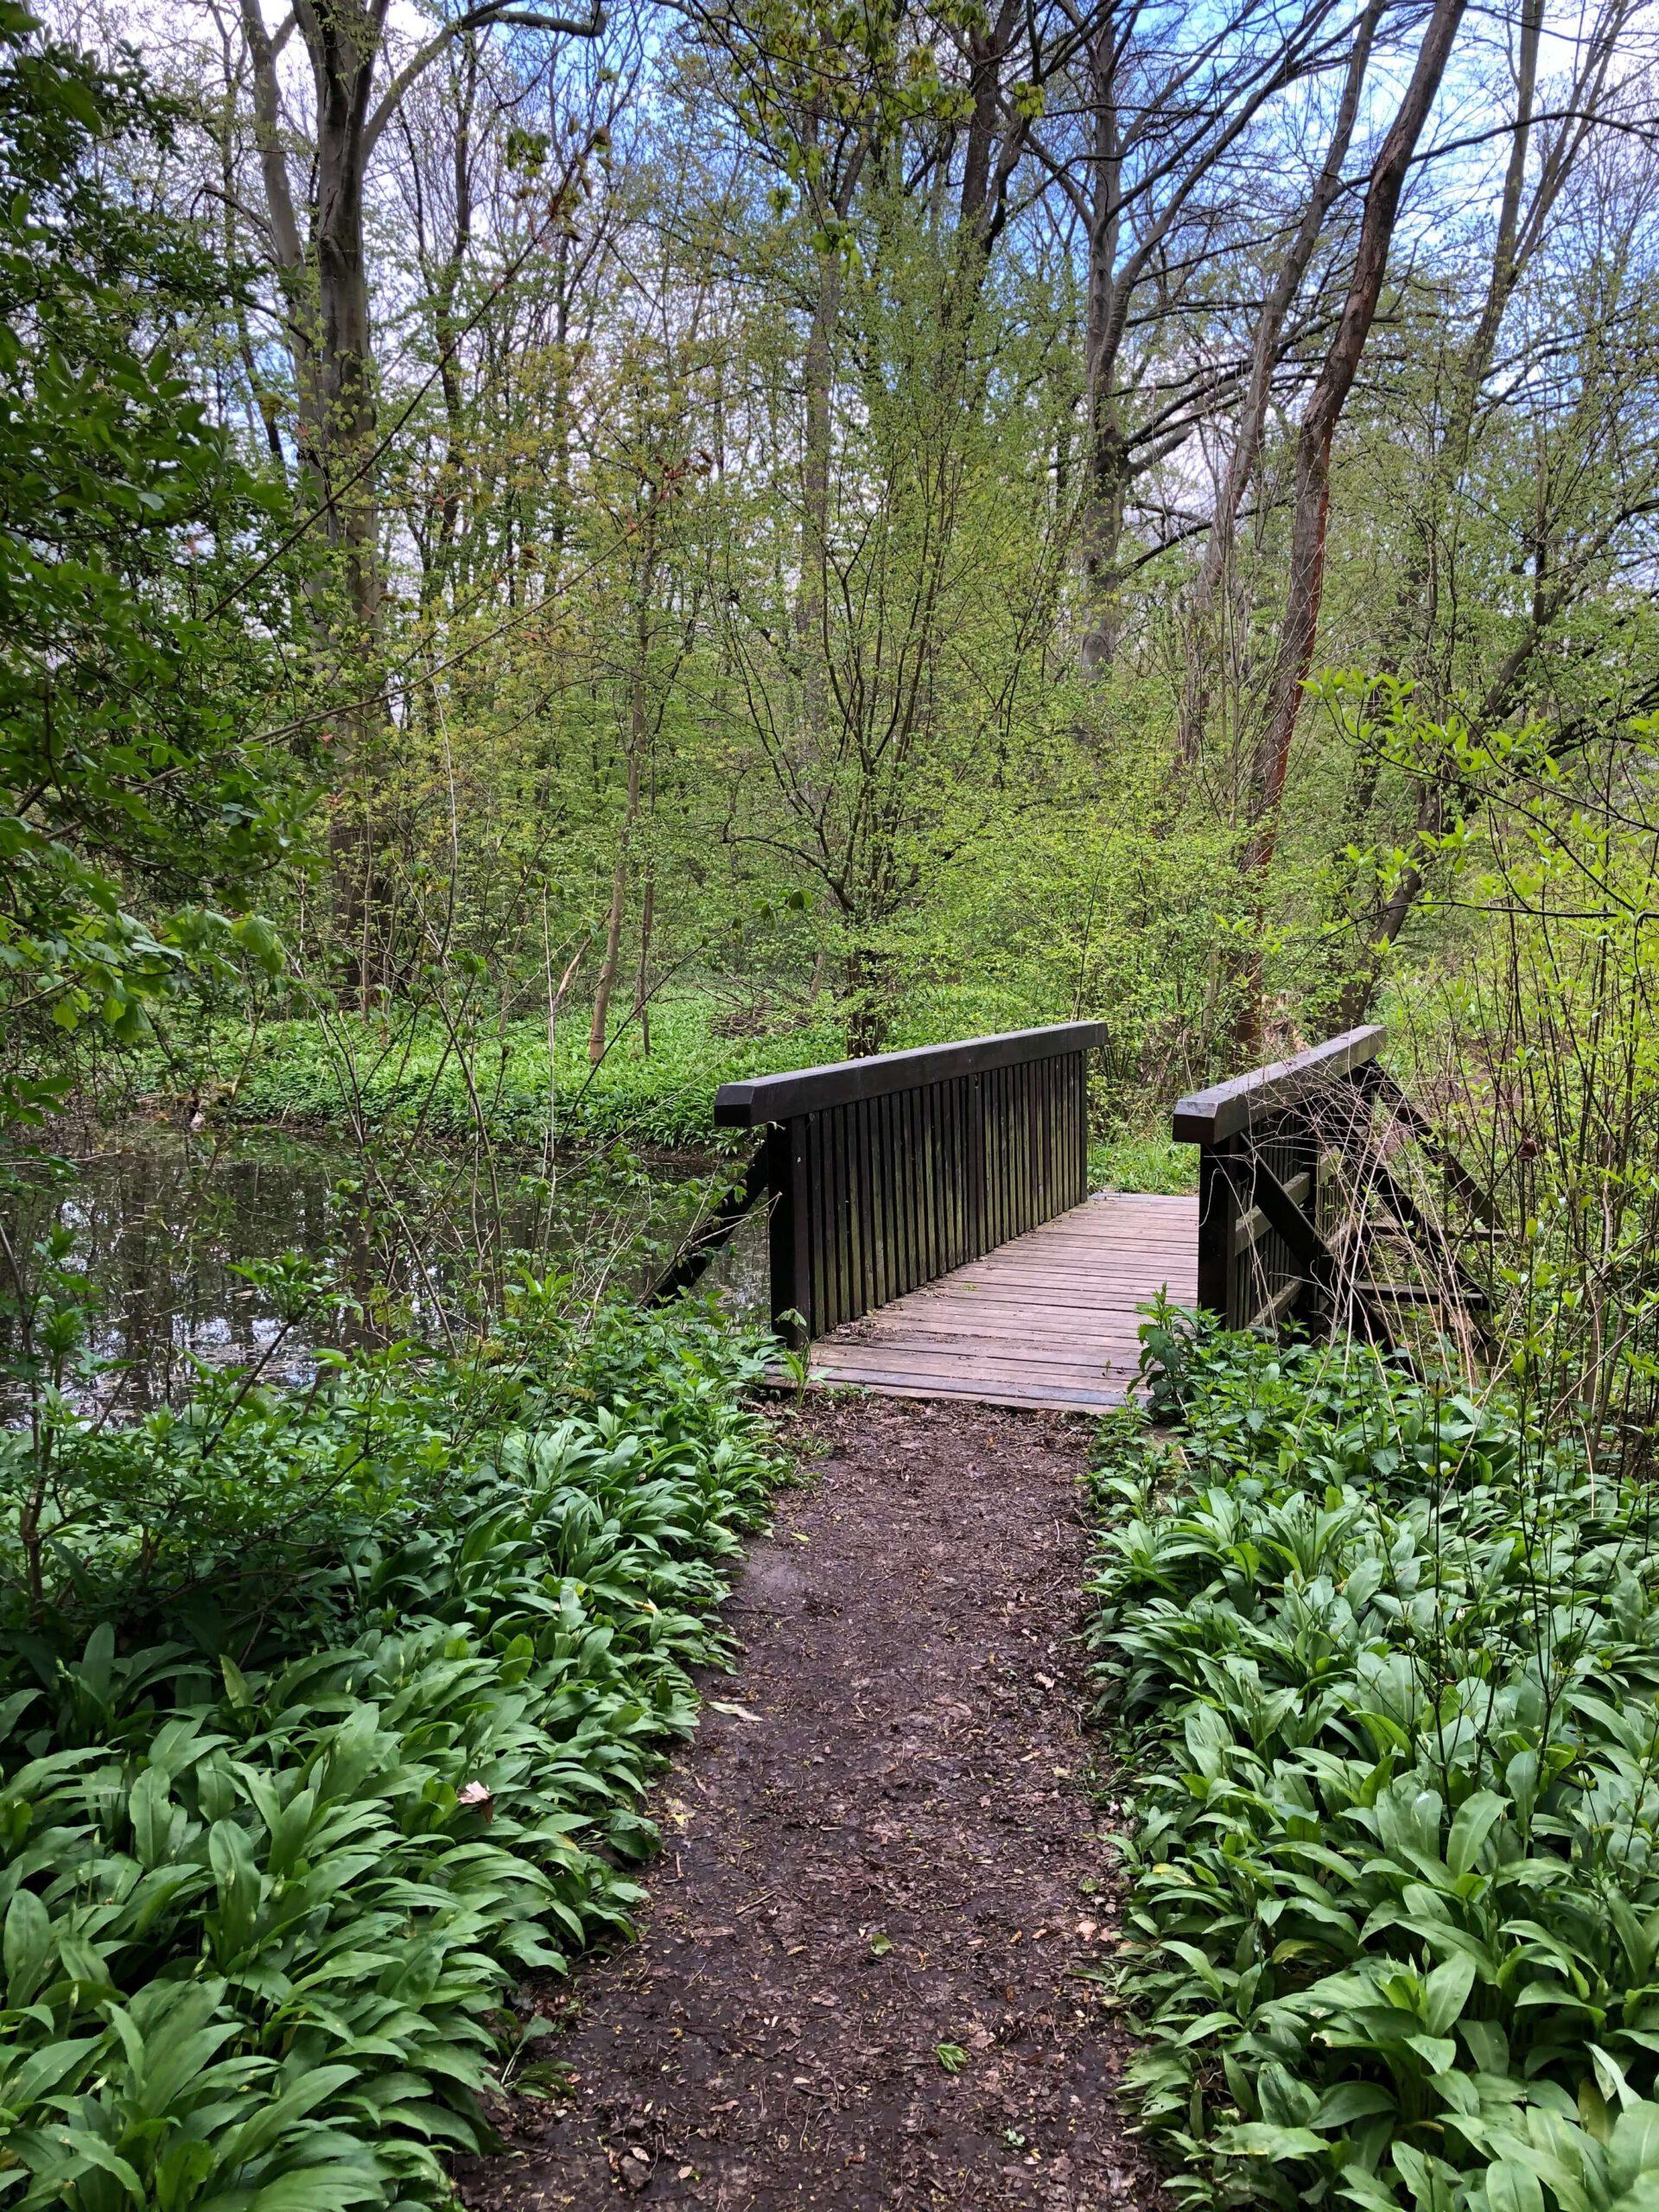 kleiner Waldweg mit Holzbrücke